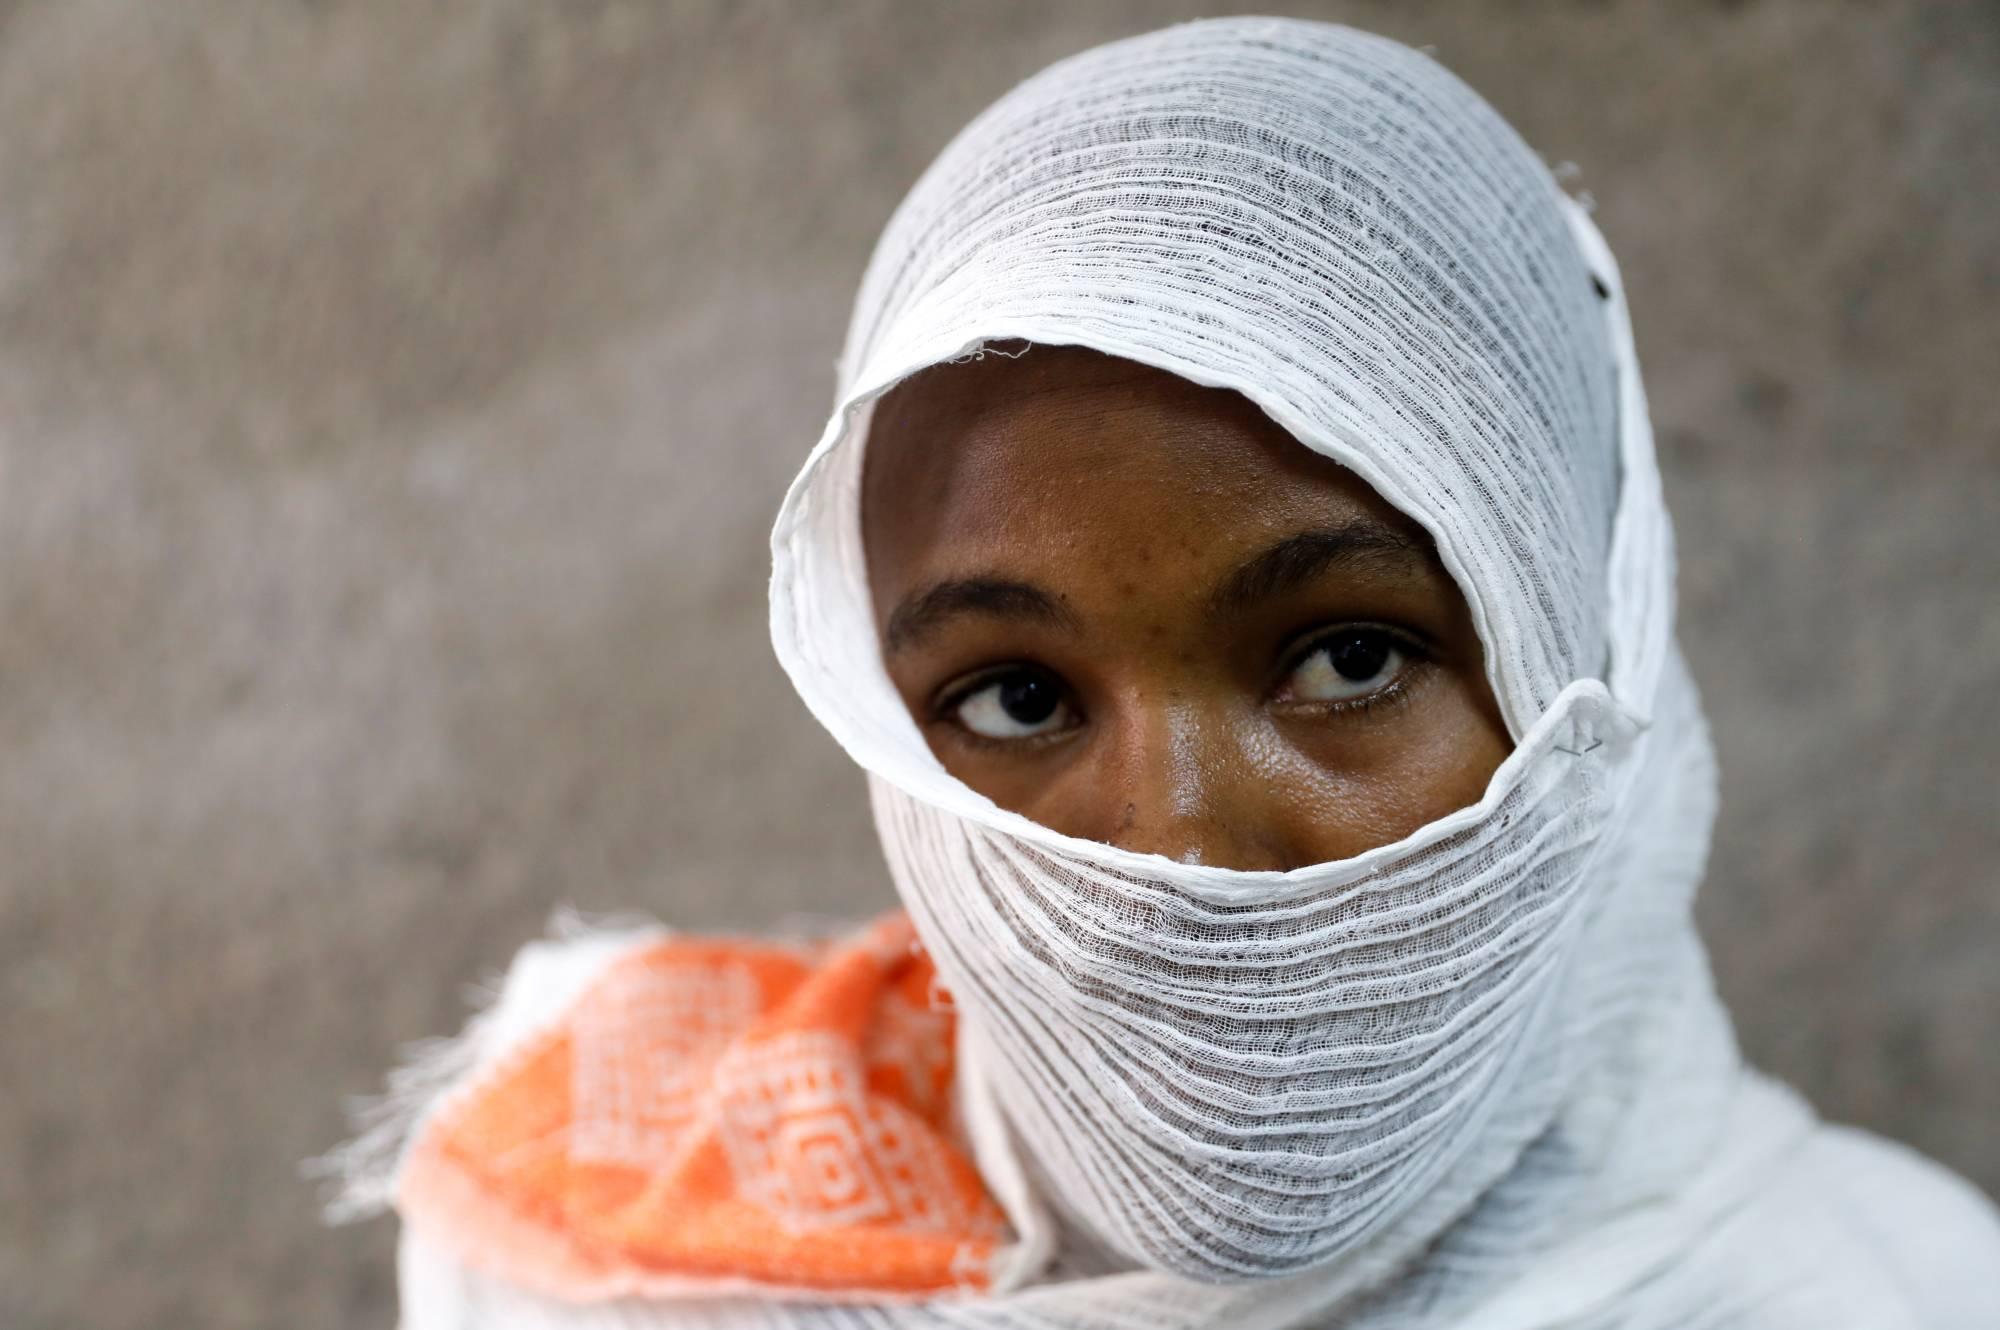 تقرير صادم: حراس معسكرات الاعتقال في ليبيا يجبرون النساء والحوامل على الجنس مقابل الطعام والمياه!